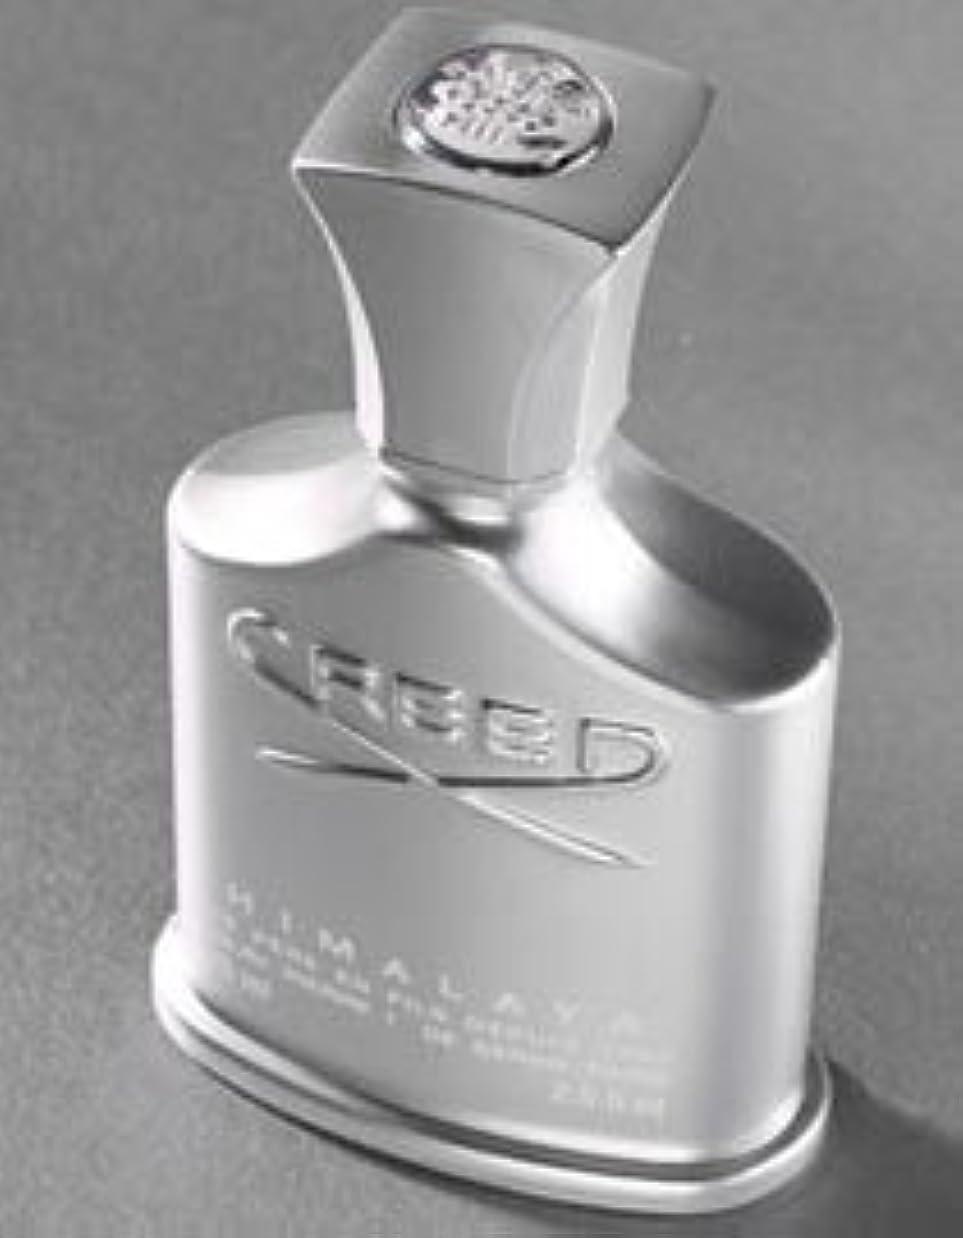 パスポート分岐する米国Creed Himalaya (ヒマラヤ) 2.5 oz (75ml) EDT Spray for Men